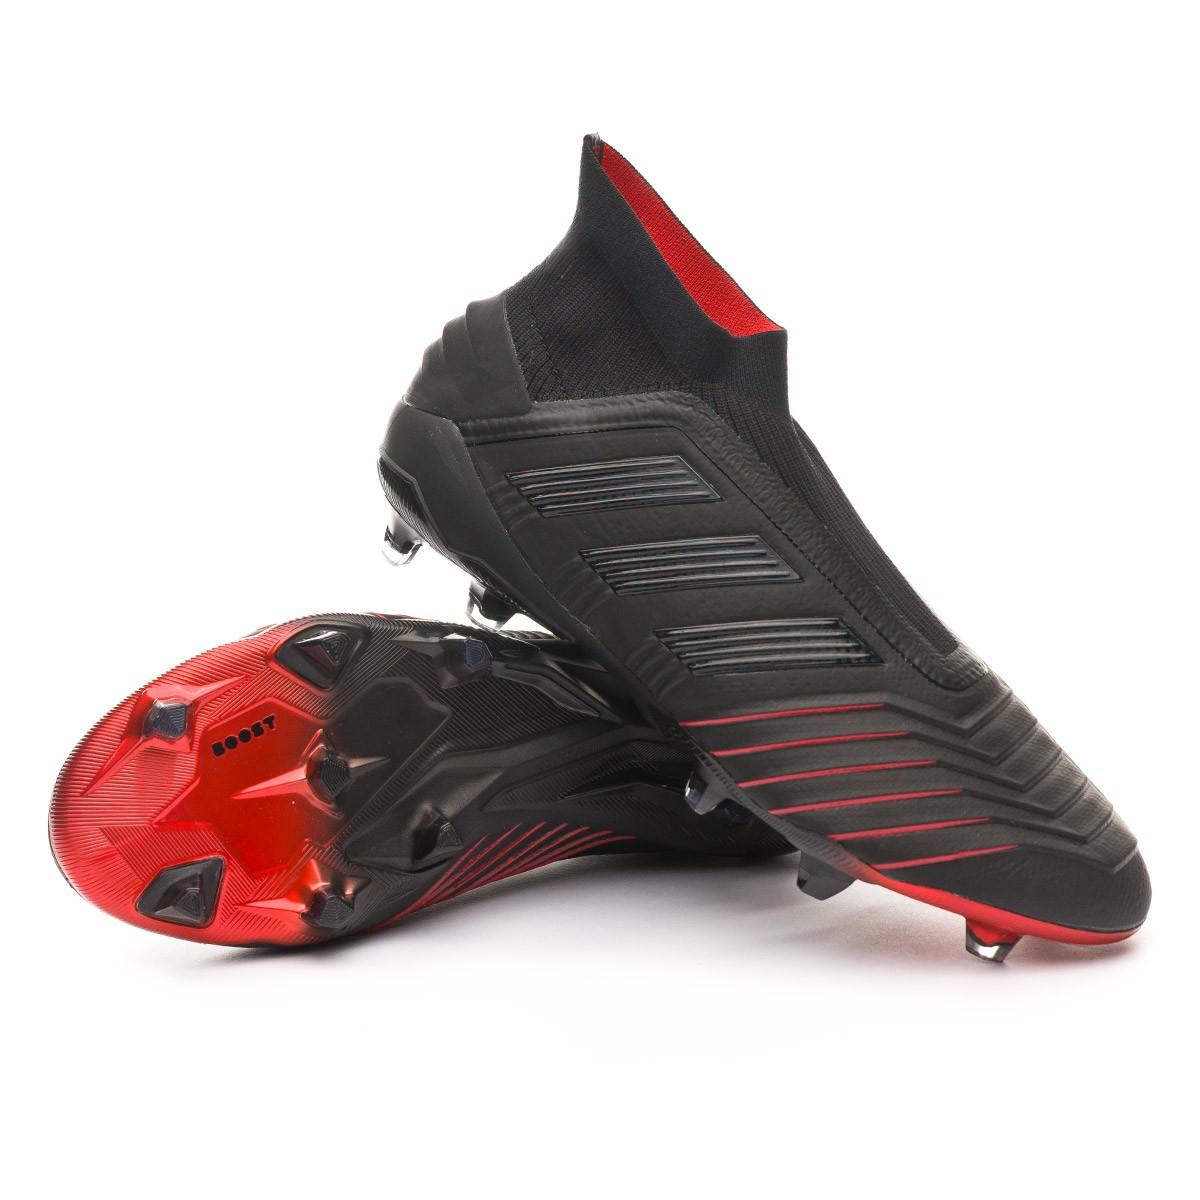 26bf8b22d Football Boots adidas Predator 19+ FG Core black-Core black-Active red -  Football store Fútbol Emotion